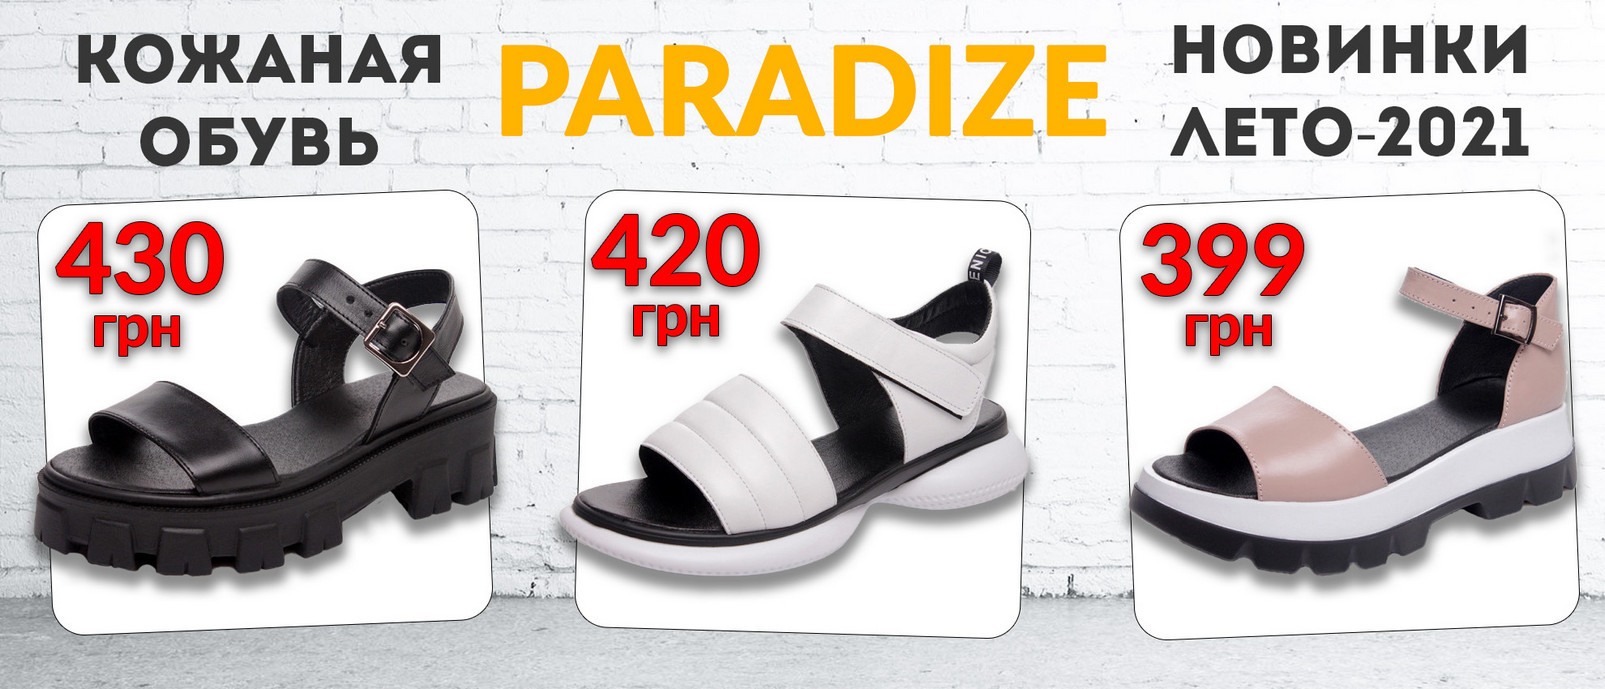 Жіноче взуття оптом - Літо 2021 - Вигідні ціни